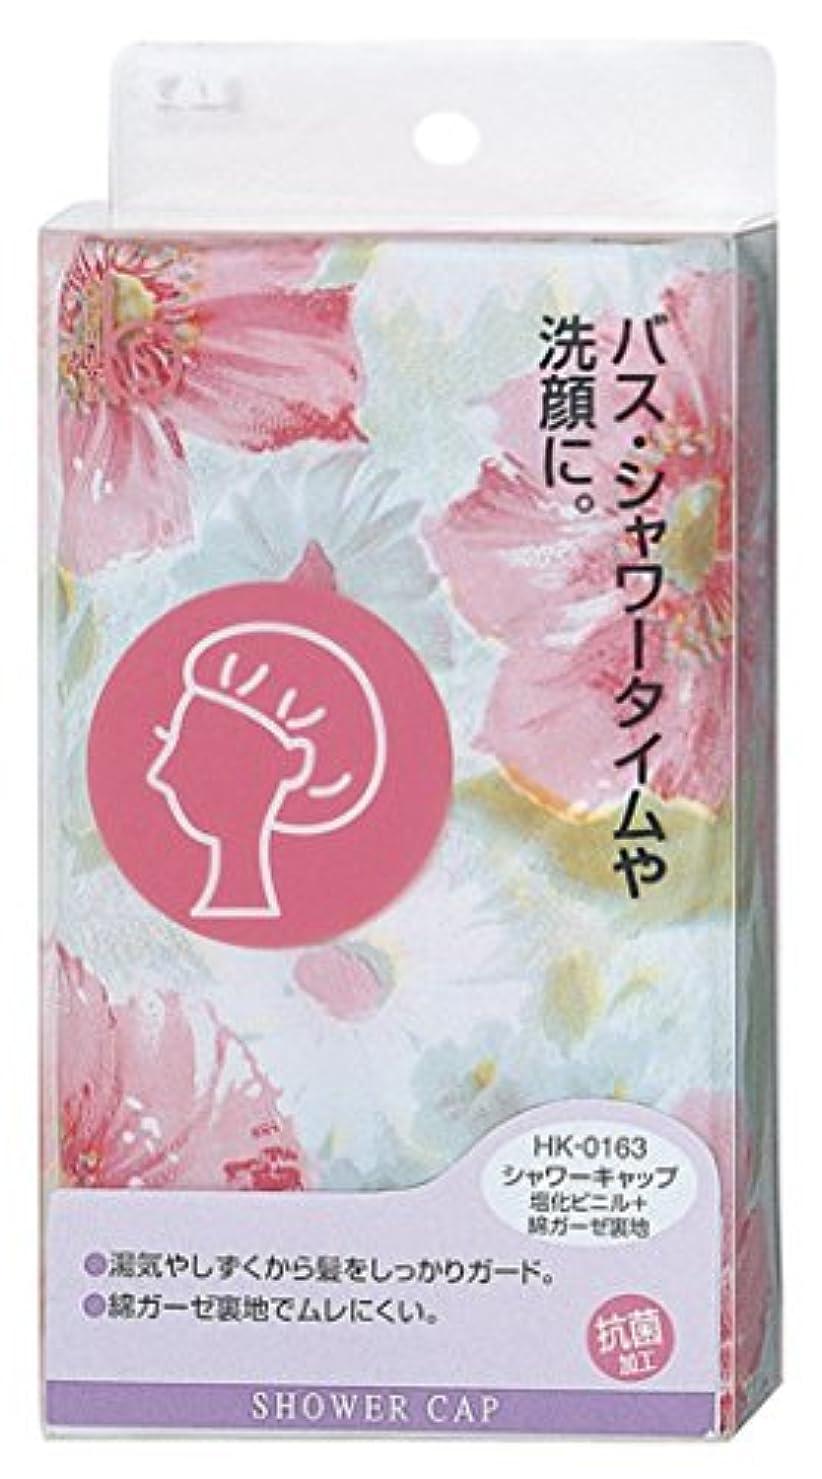 目を覚ます金曜日通貨貝印 Beセレクション シャワーキャップ HK0163